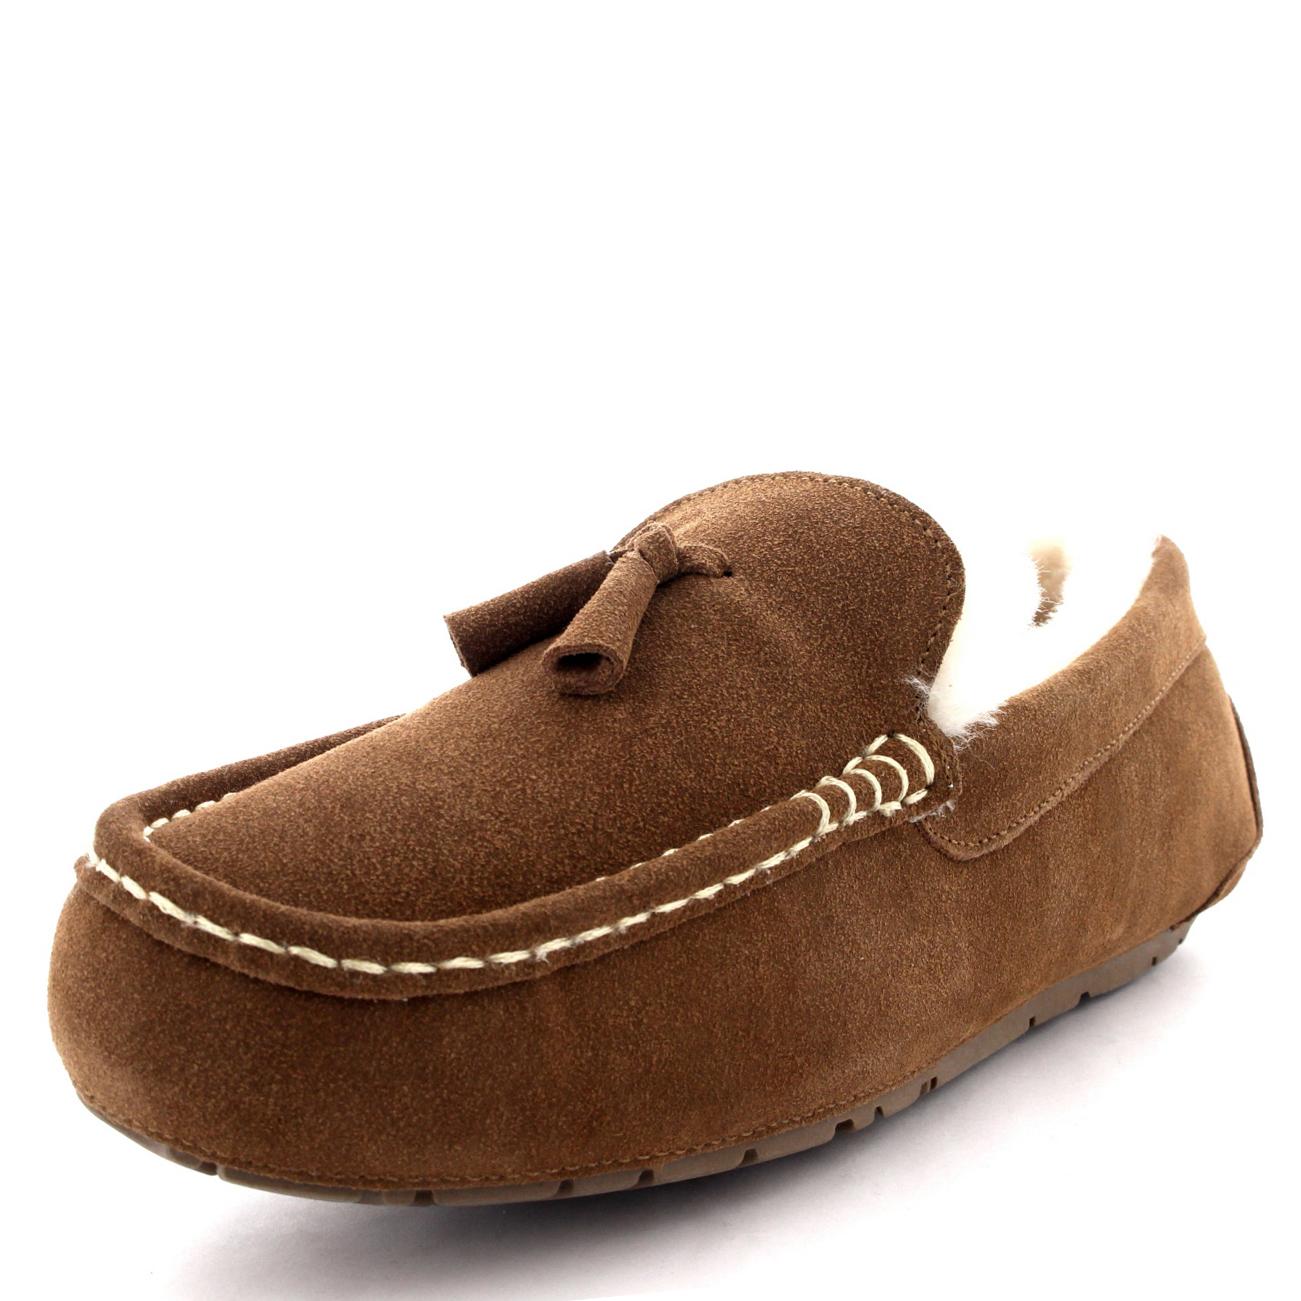 mens moccasins australian suede shoes loafers sheepskin tassel fur slippers 7 15 ebay